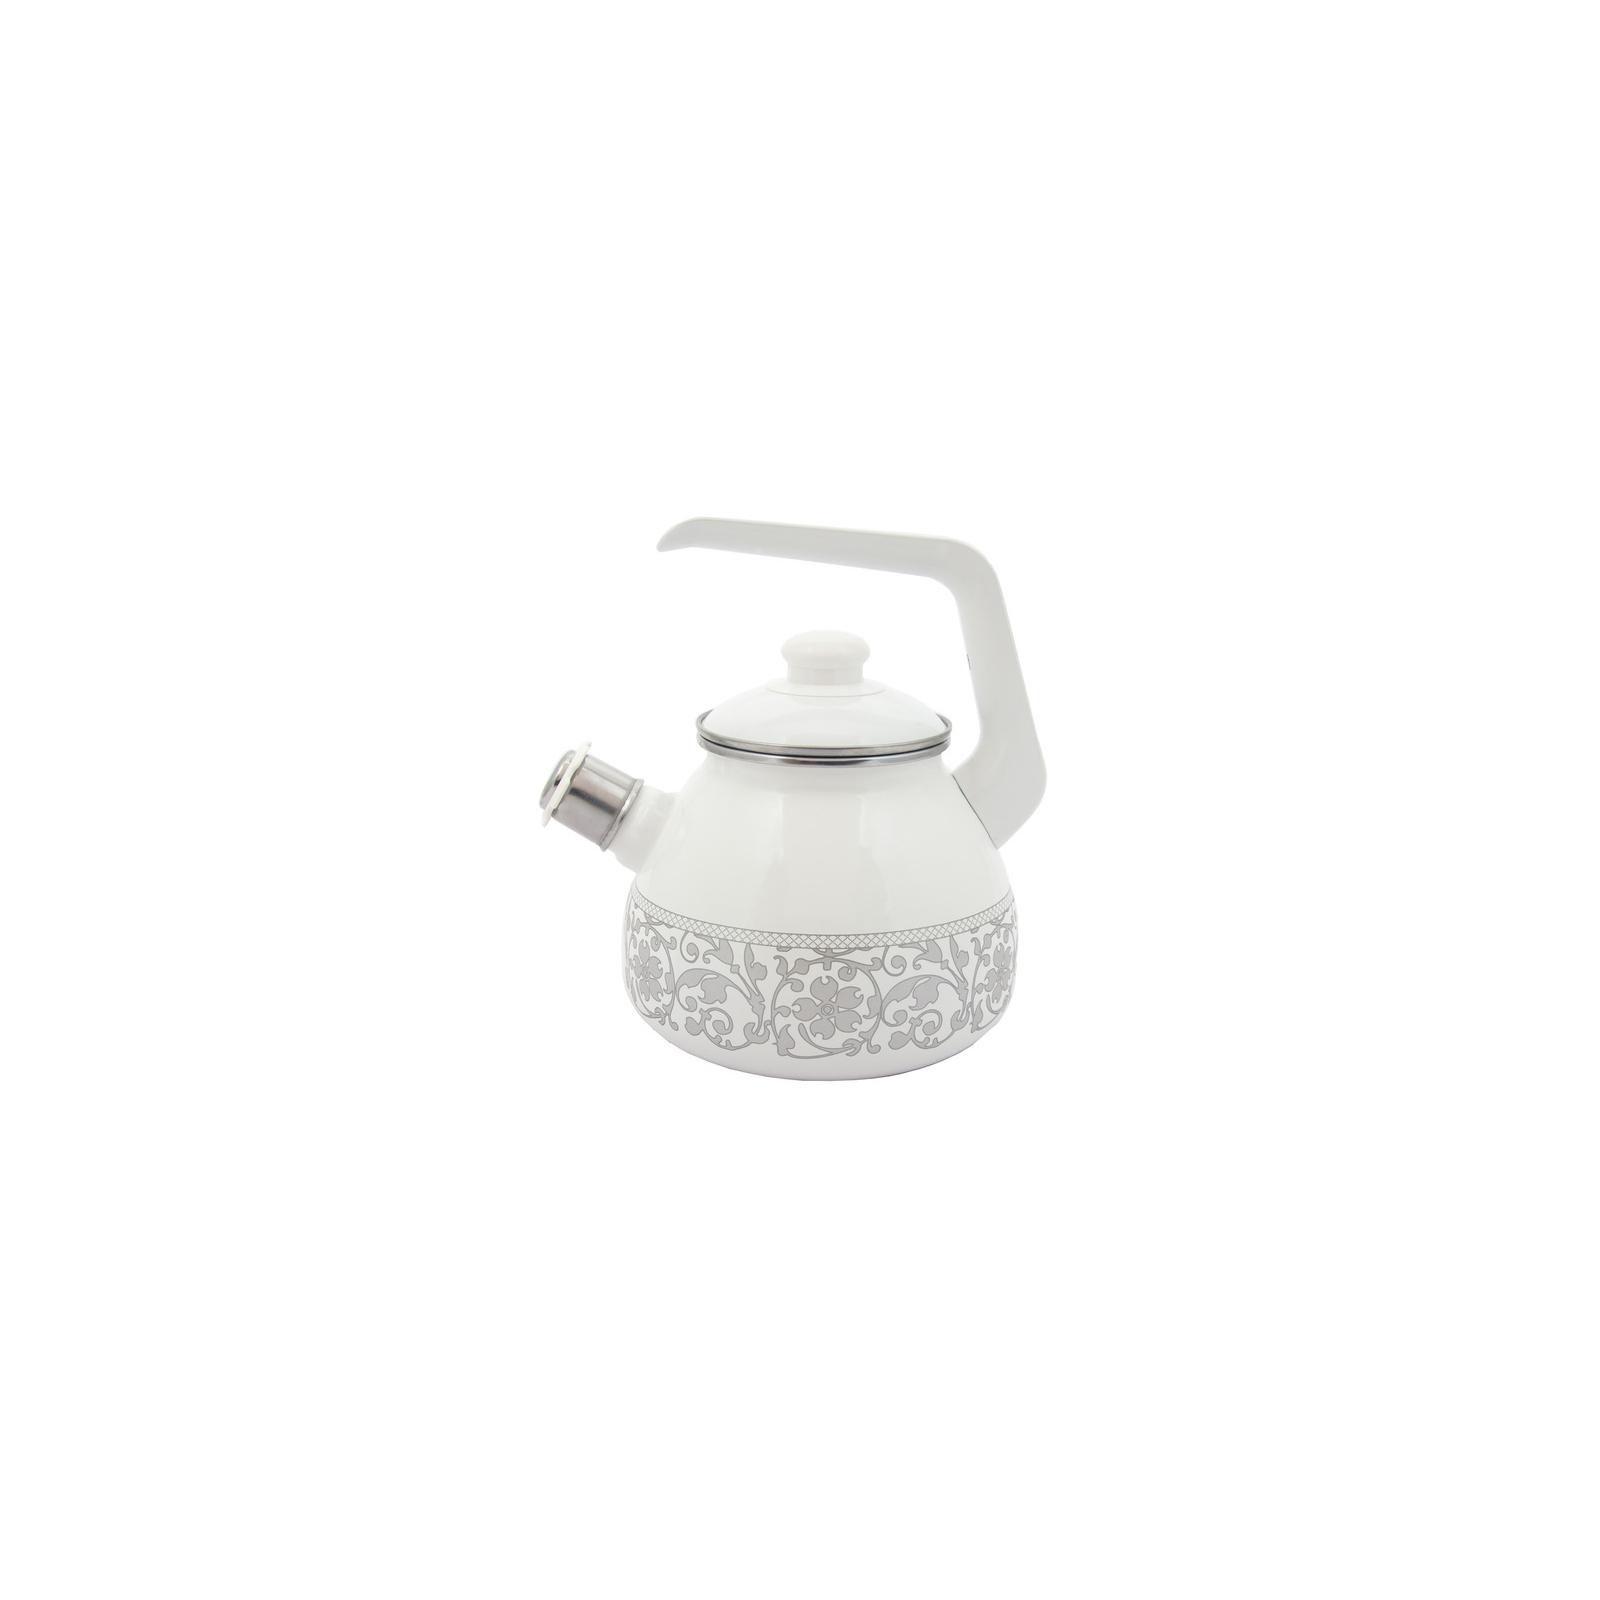 Чайник Infinity Вензель со свистком 3 л White (6435564)